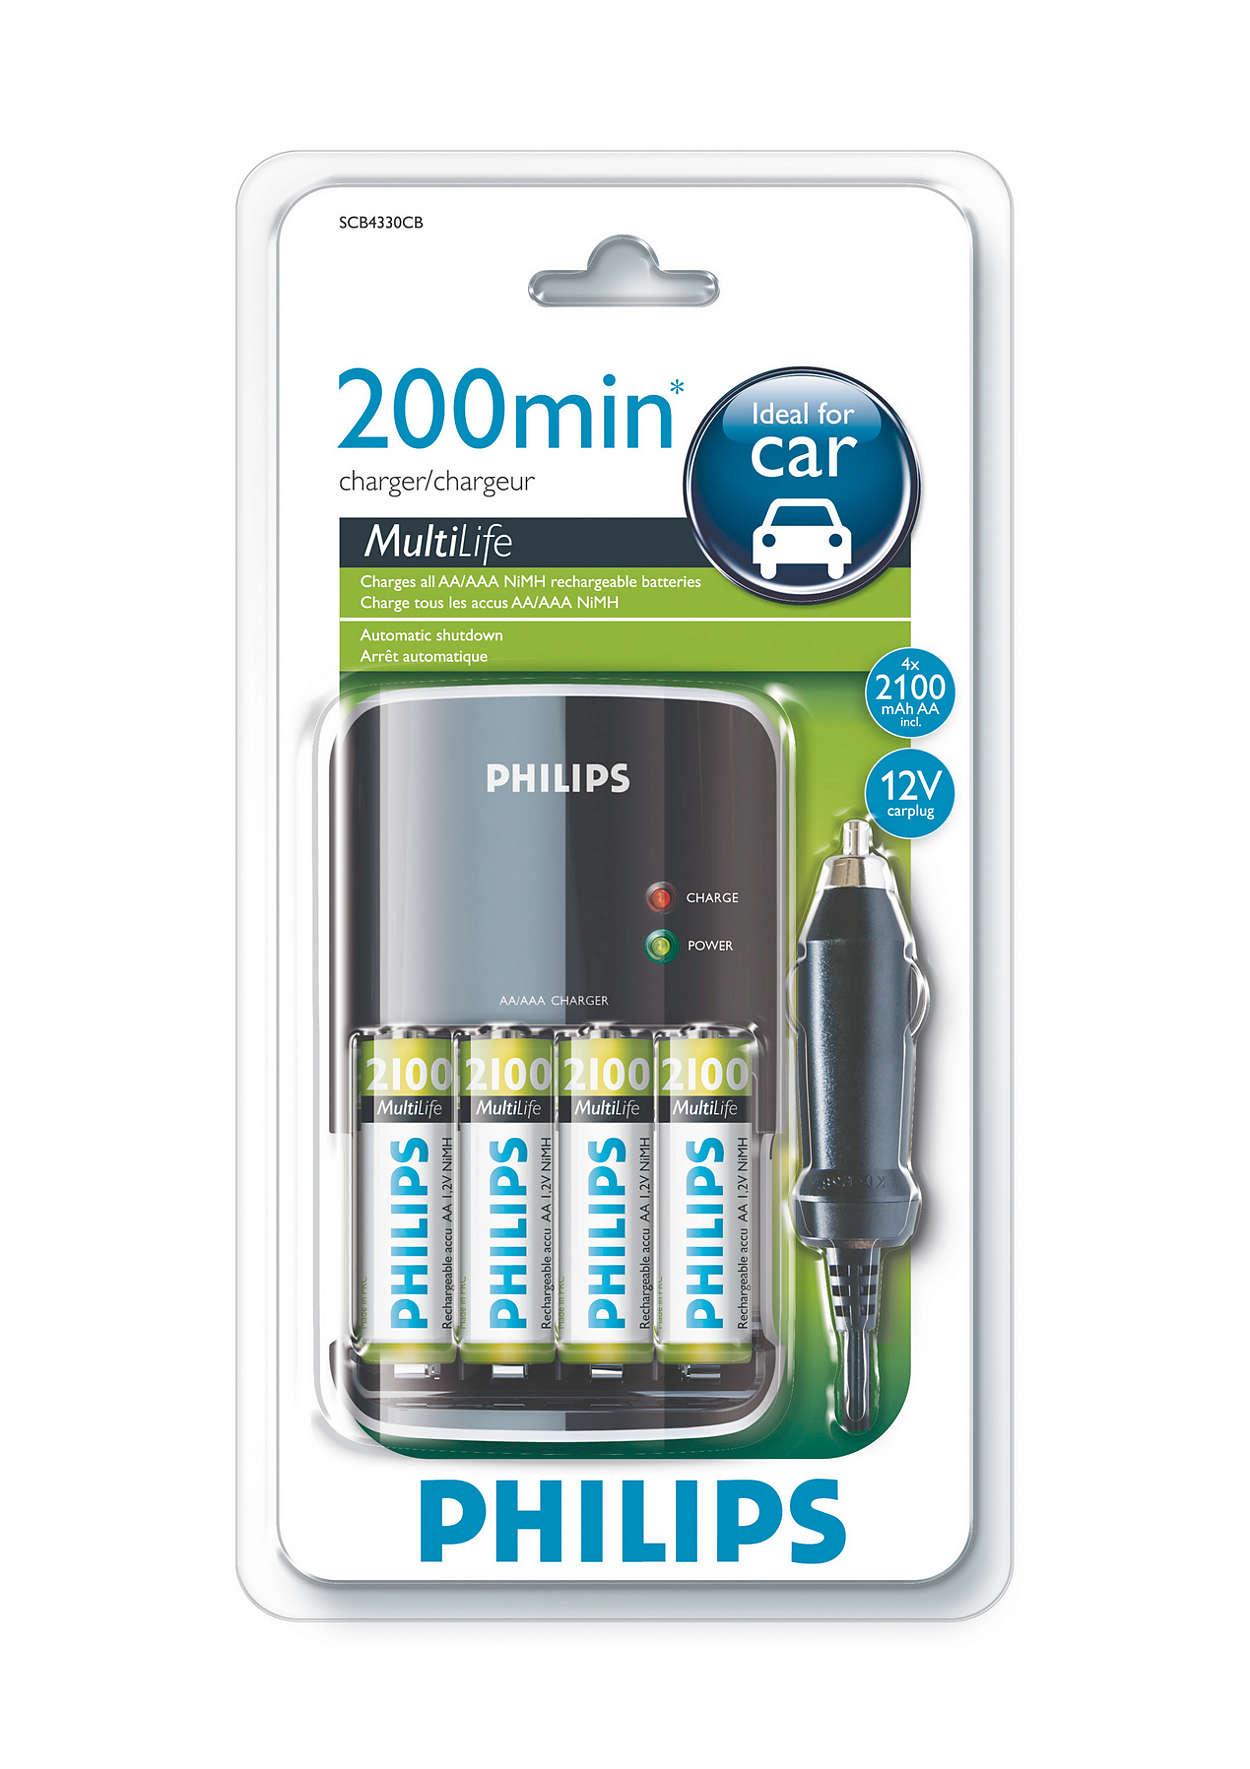 Πλήρης φόρτιση των μπαταριών σας σε λιγότερο από 200 λεπτά